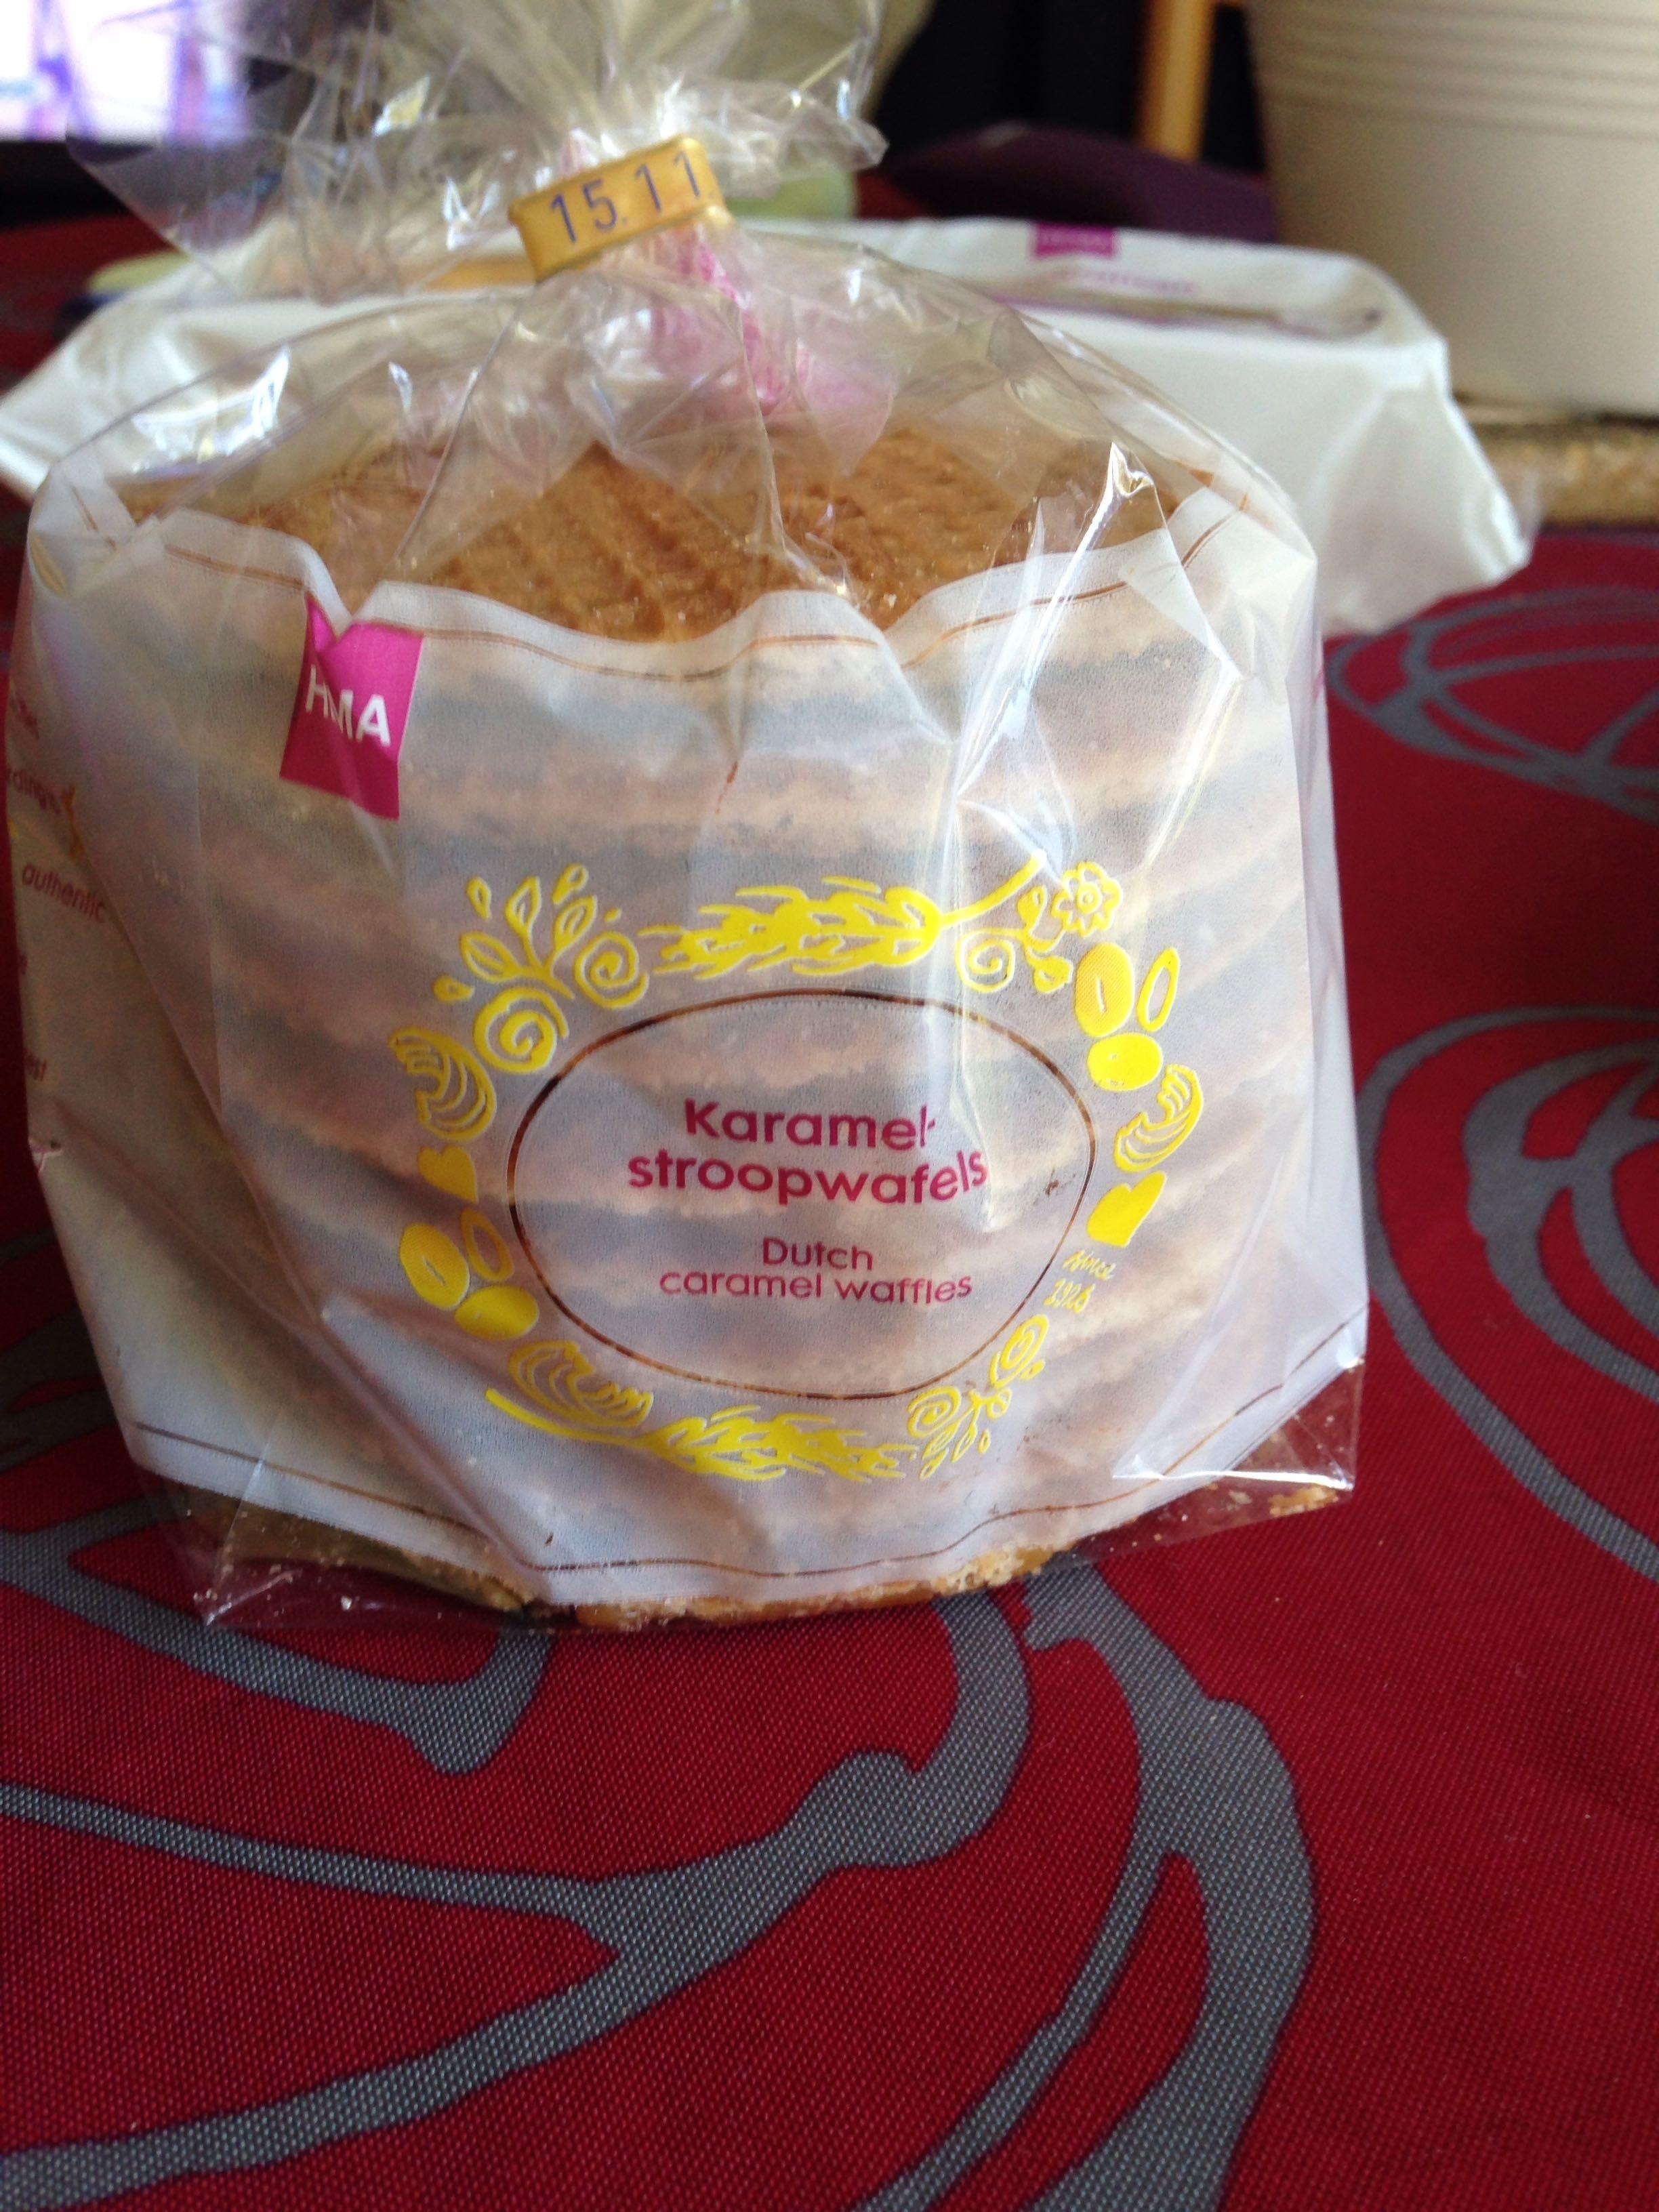 Gauffres Hollandaises au beurre caramel - Producto - fr